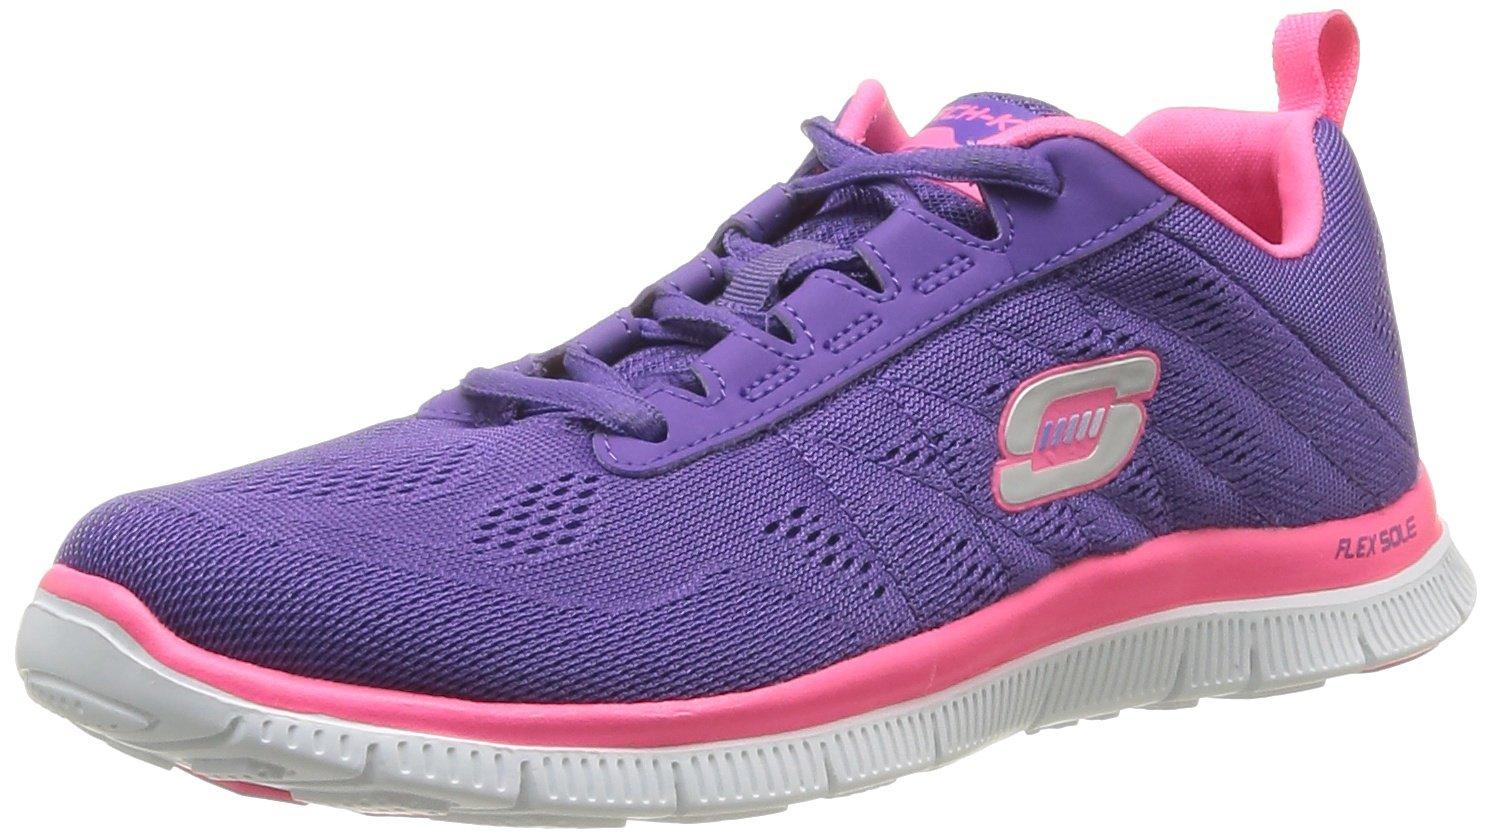 Skechers Damen Flex Appeal Sweet Violett Spot Sneaker, Pink Purple Violett Sweet (Prhp) 2b3f36